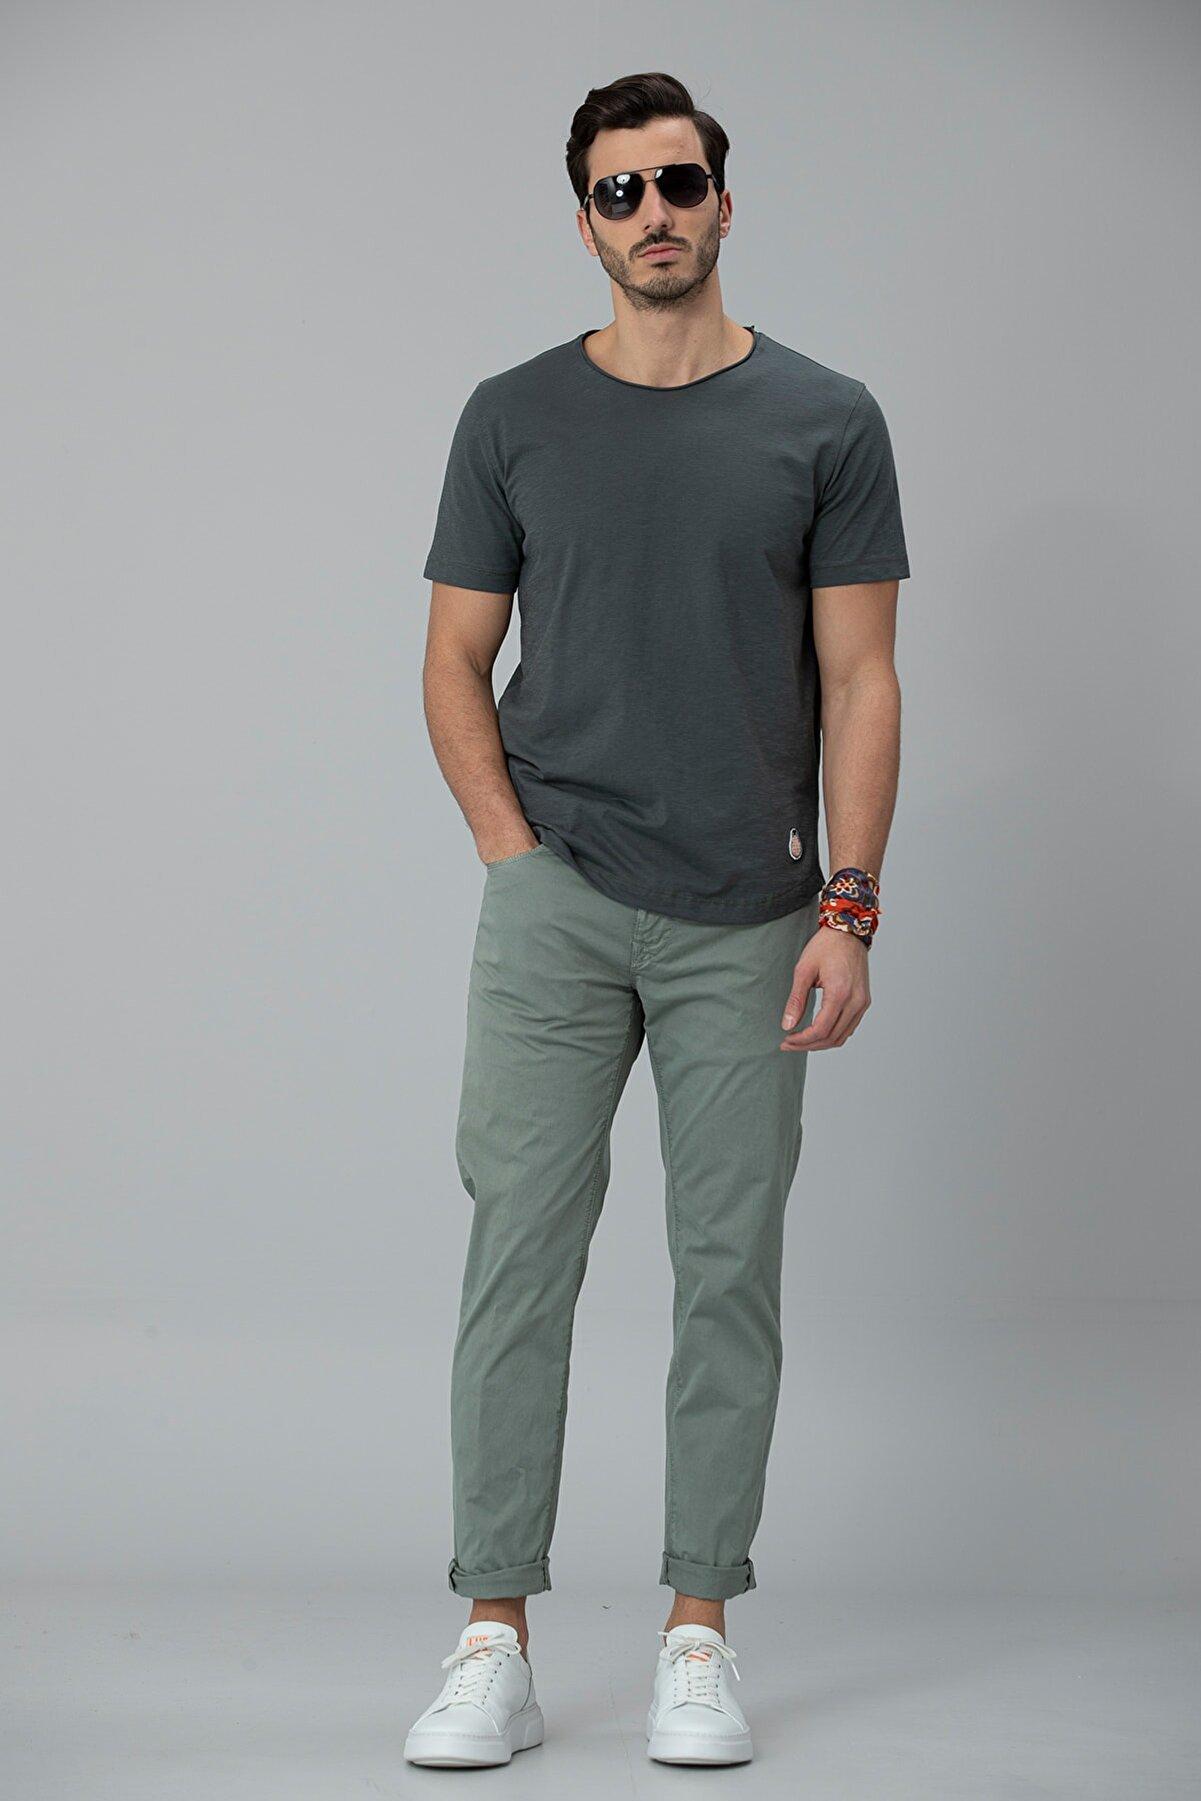 Lufian İmper Spor 5 Cep Pantolon Slim Fit Yeşil